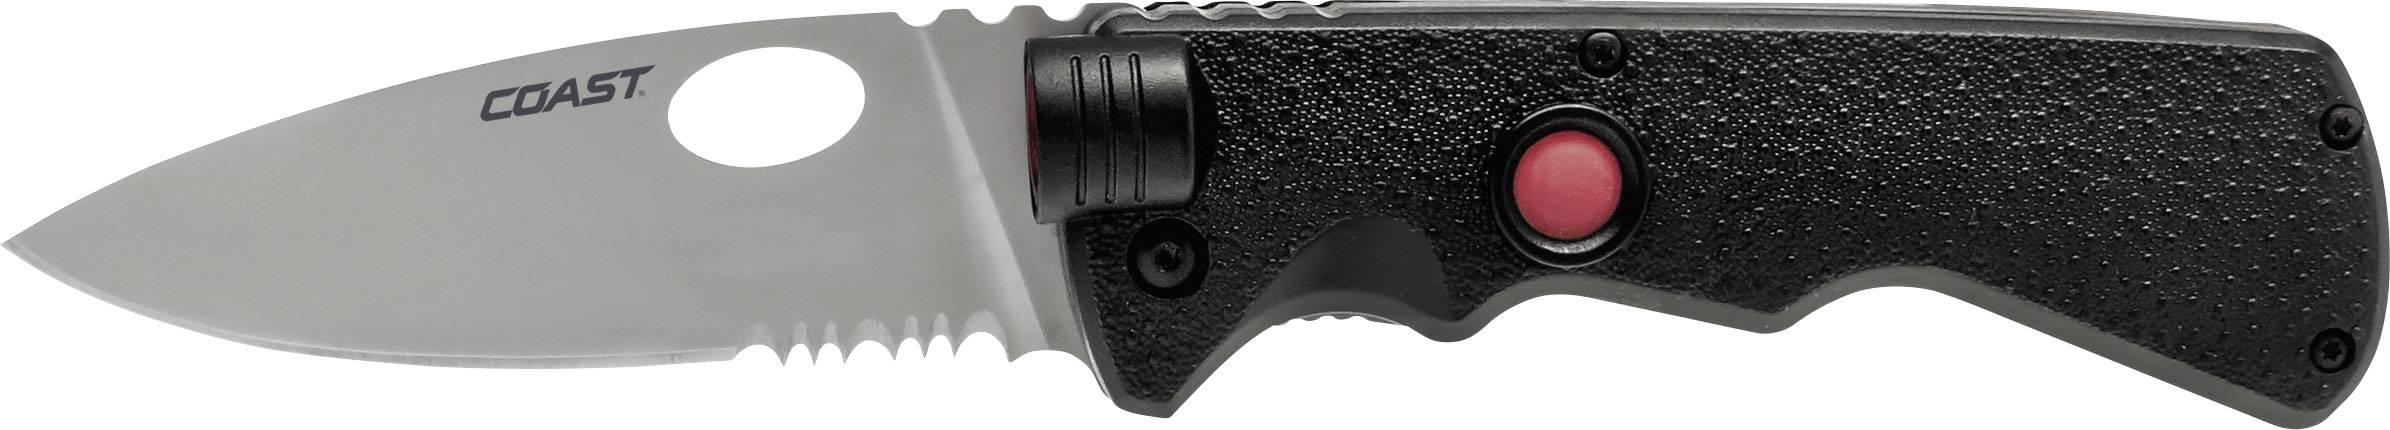 Kapesní nůž Coast Light-Knife LK375 139901, černá